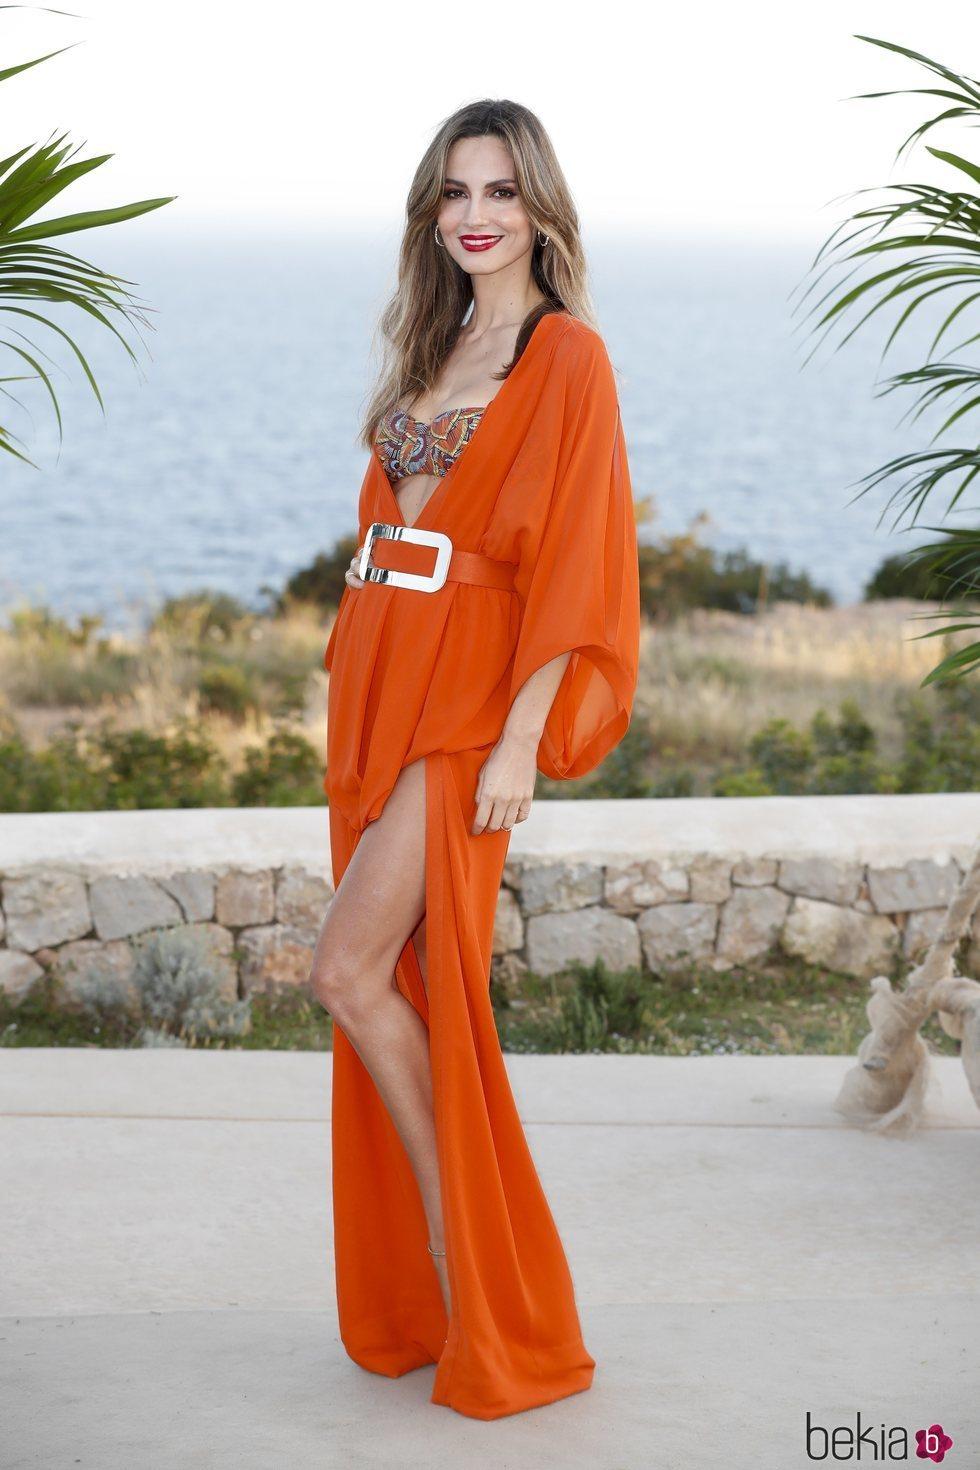 Ariadne Artiles en el desfile de Calzedonia en Ibiza